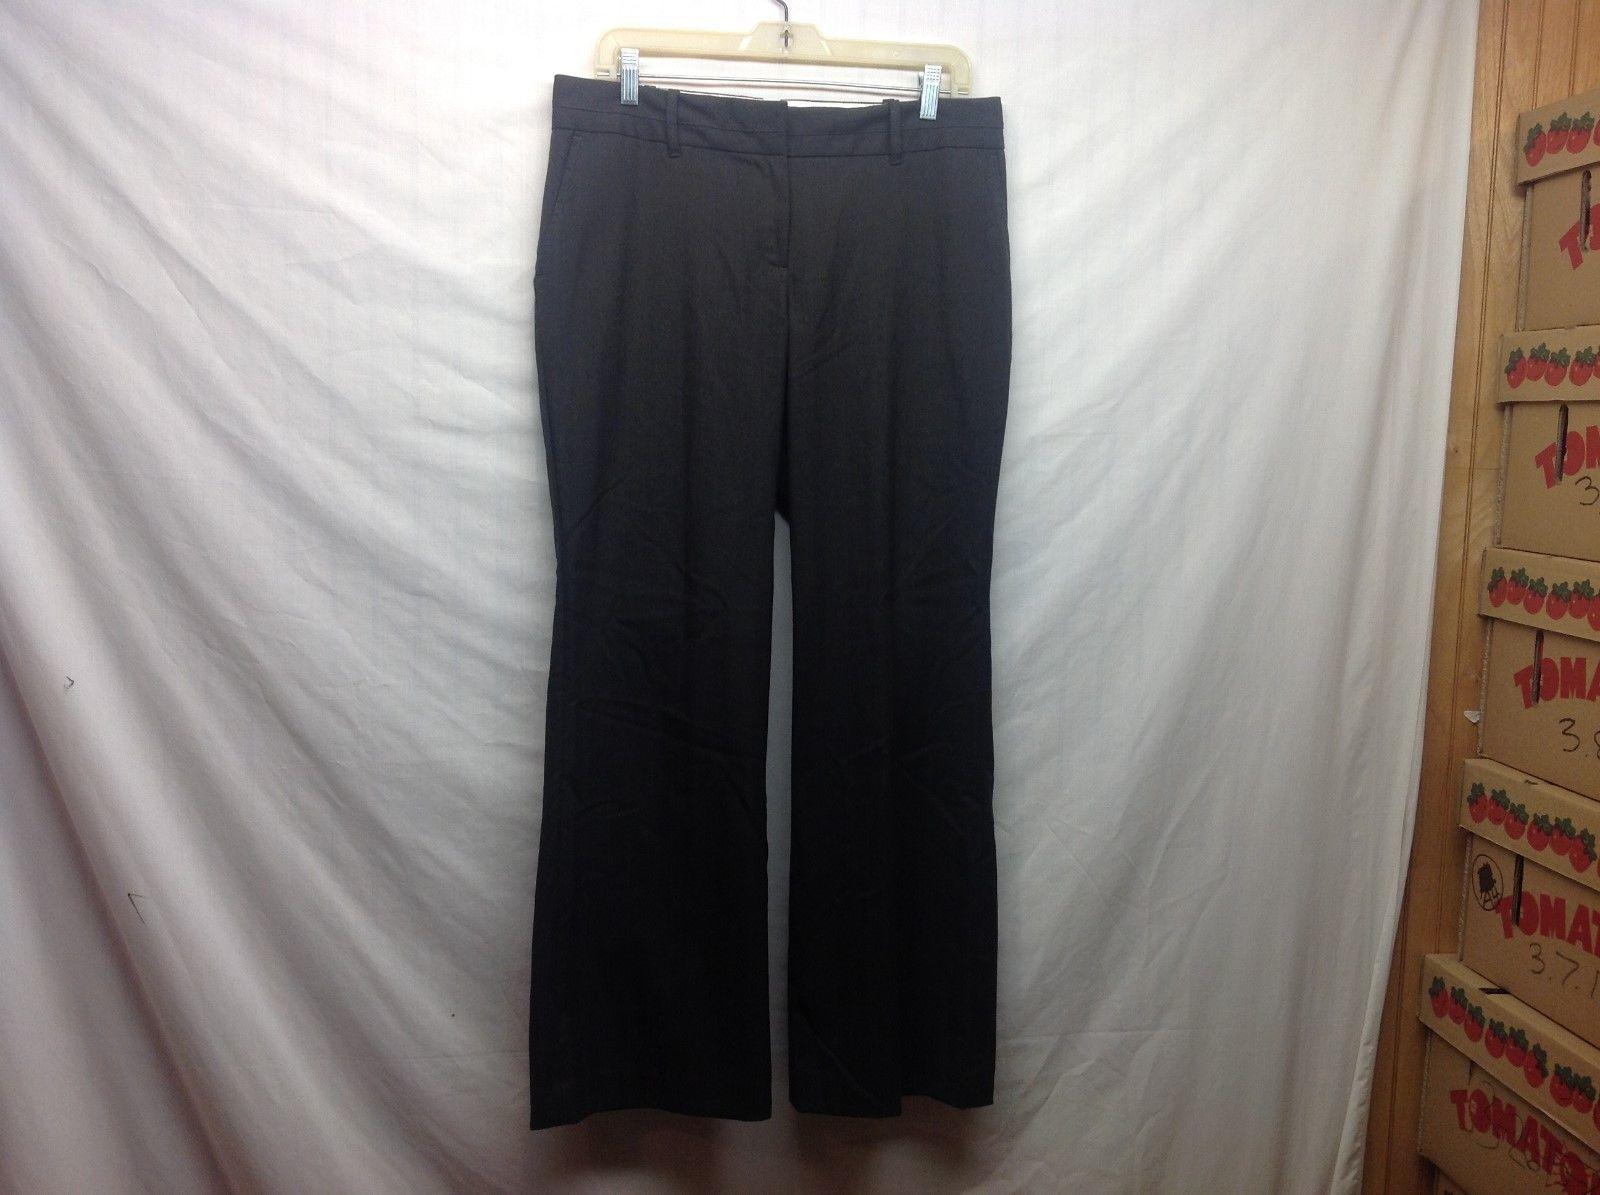 Ann Taylor LOFT Petites Business Style Julie Brown Dress Pants Sz 10P